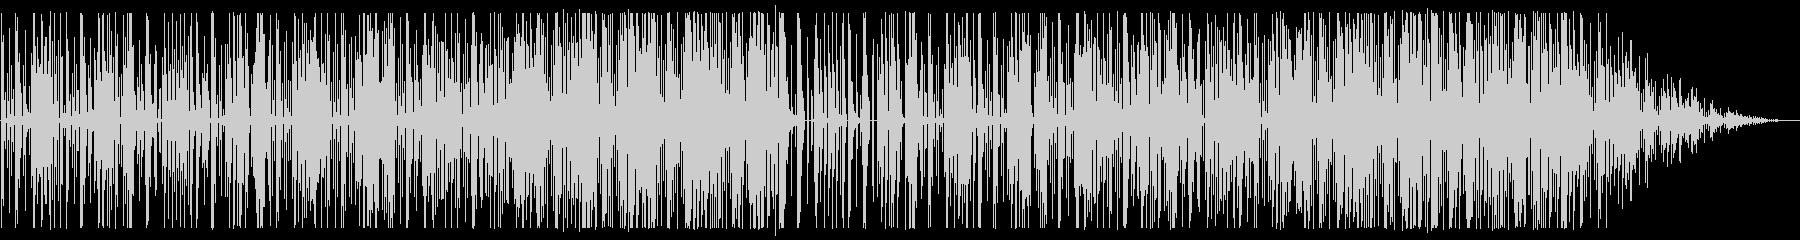 コミカル/ヒップホップ_No473_1の未再生の波形